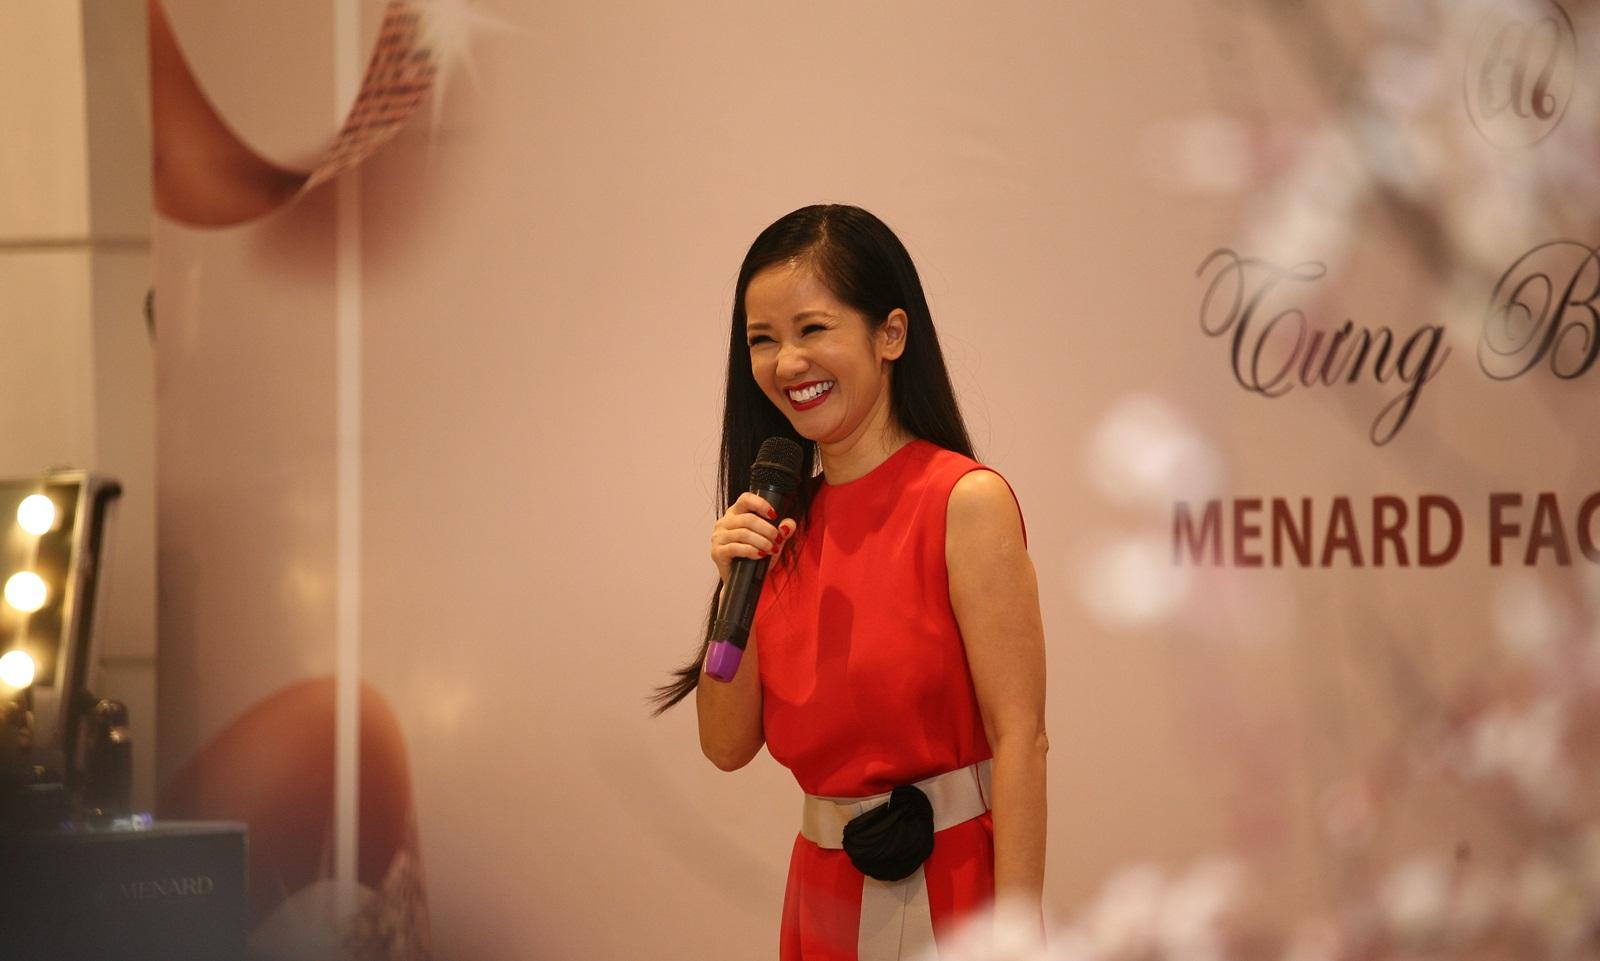 Menard Việt Nam chính thức khai trương facial salon thứ 22 tại TTTM Royal City